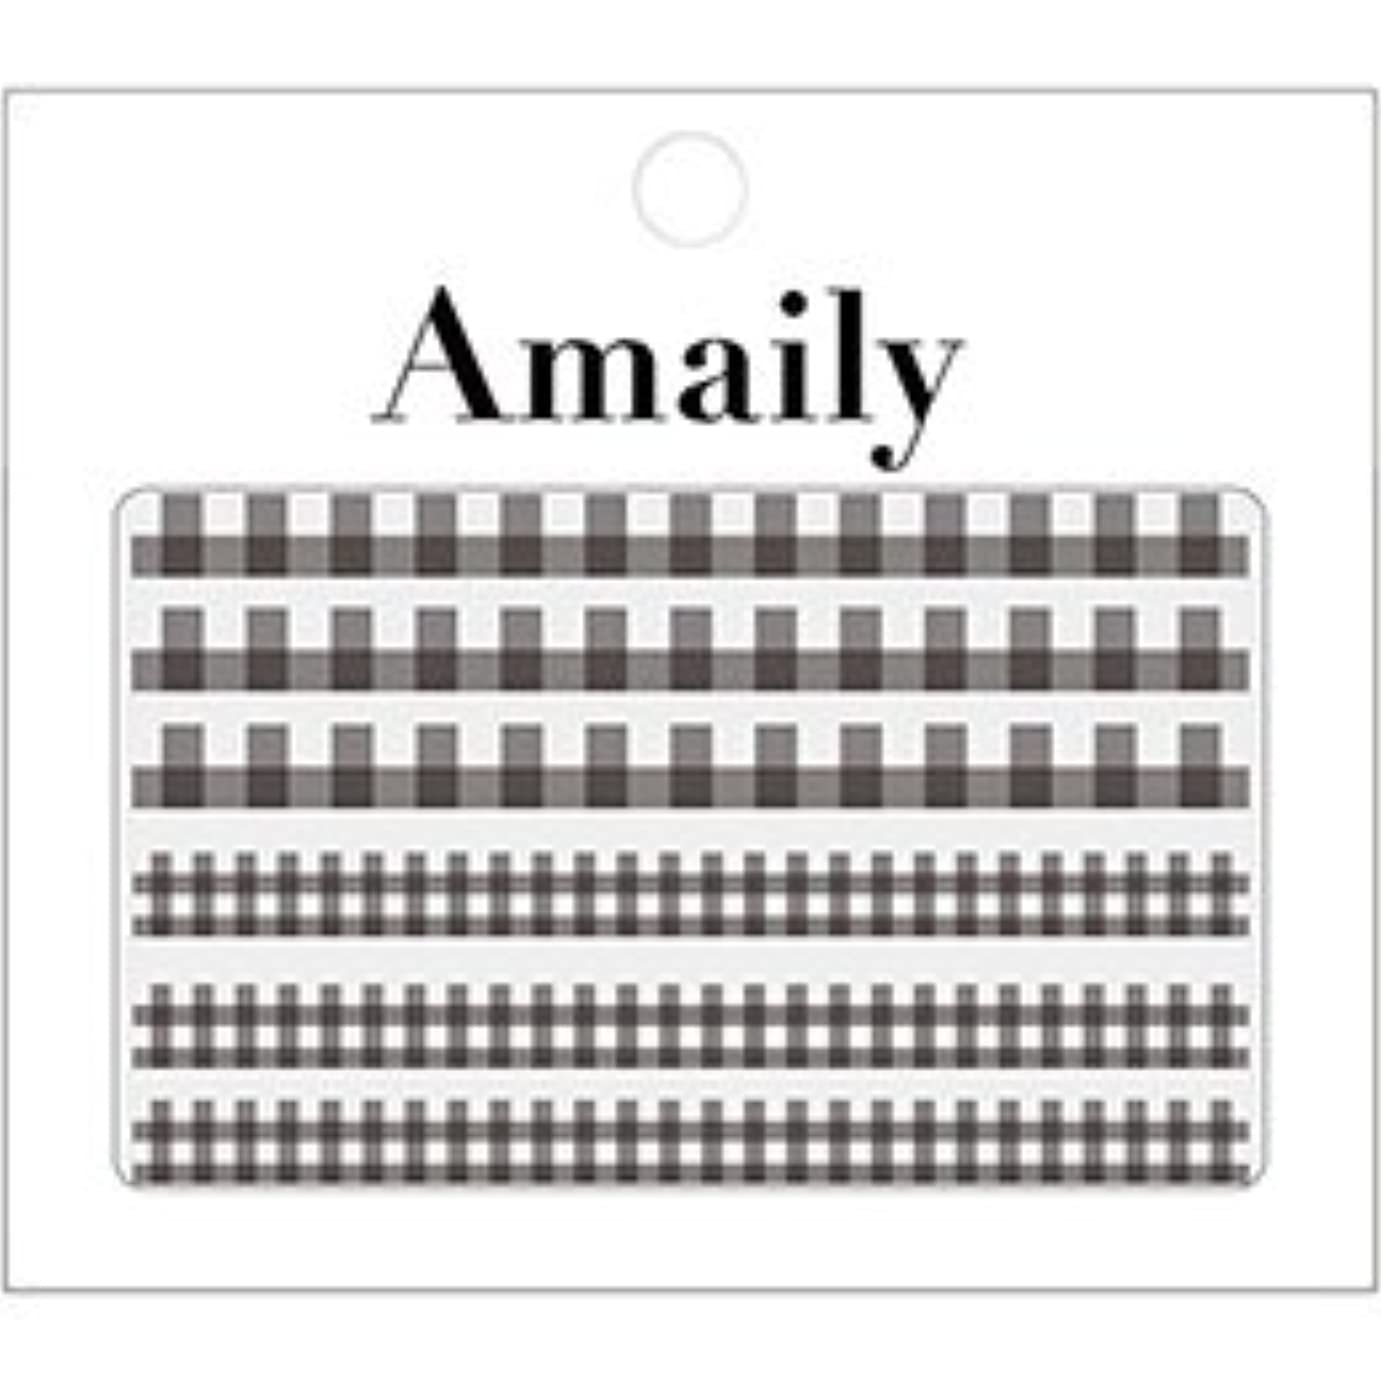 戸棚ささいなスコアアメイリーネイルシール Amaily ネイルシール  No.5-5 ギンガムチェック 黒